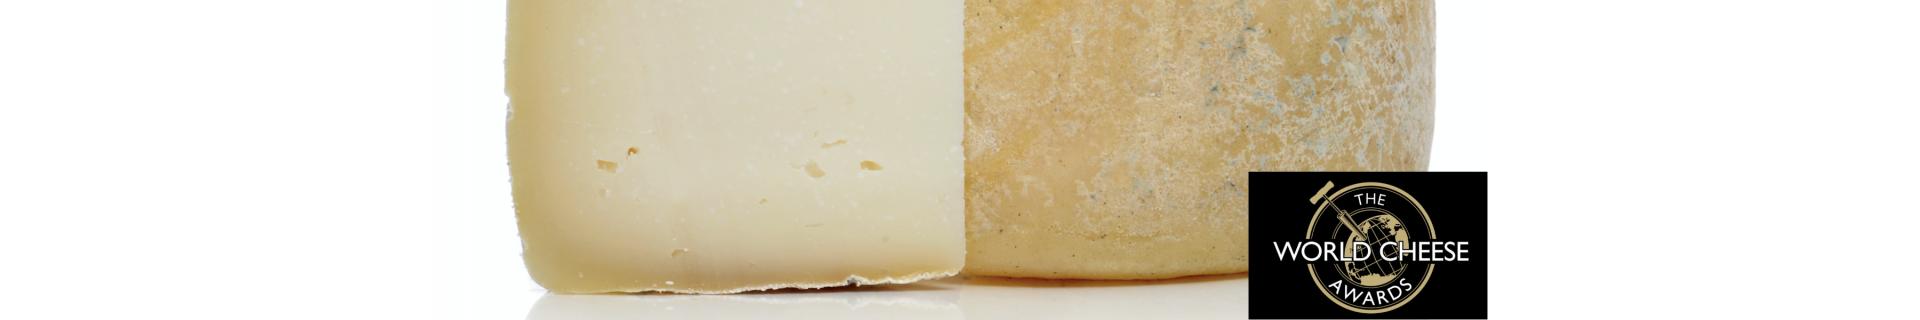 Comprar quesos artesanos | Conservas Hondarribia